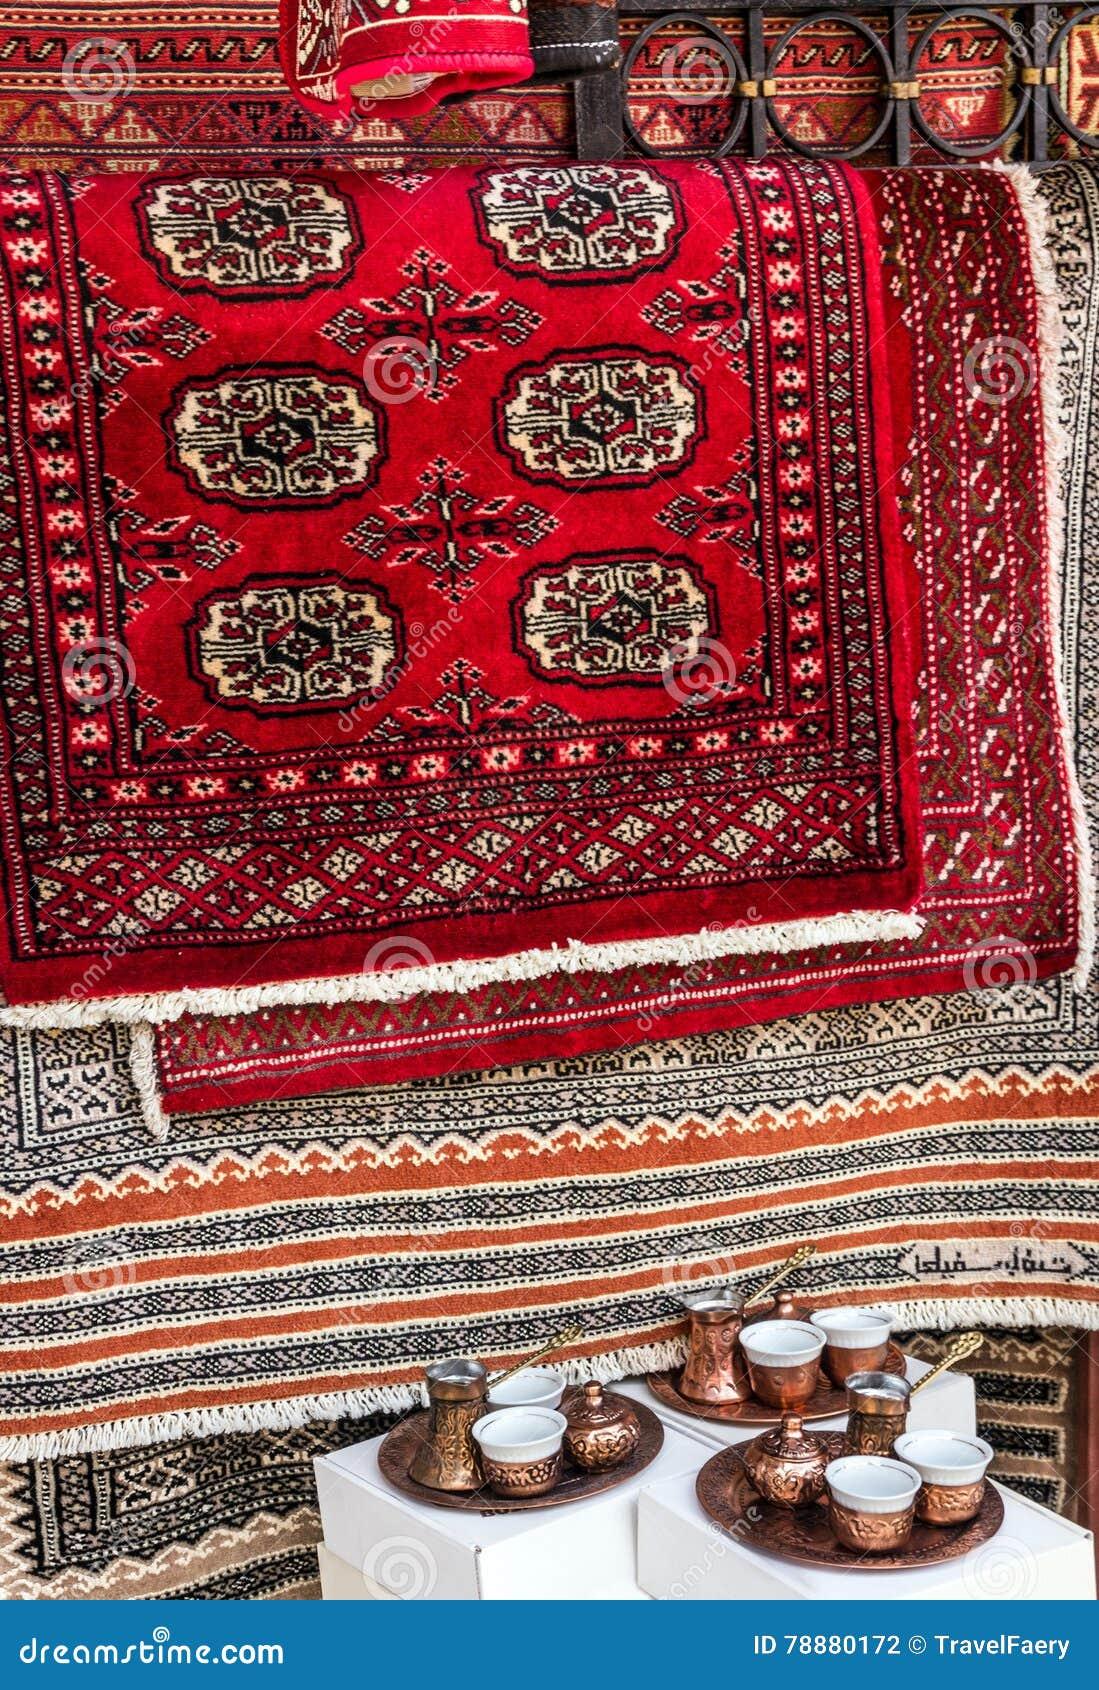 Perscy Dywany W Sklepie Wschodnie Pamiątki Zdjęcie Stock